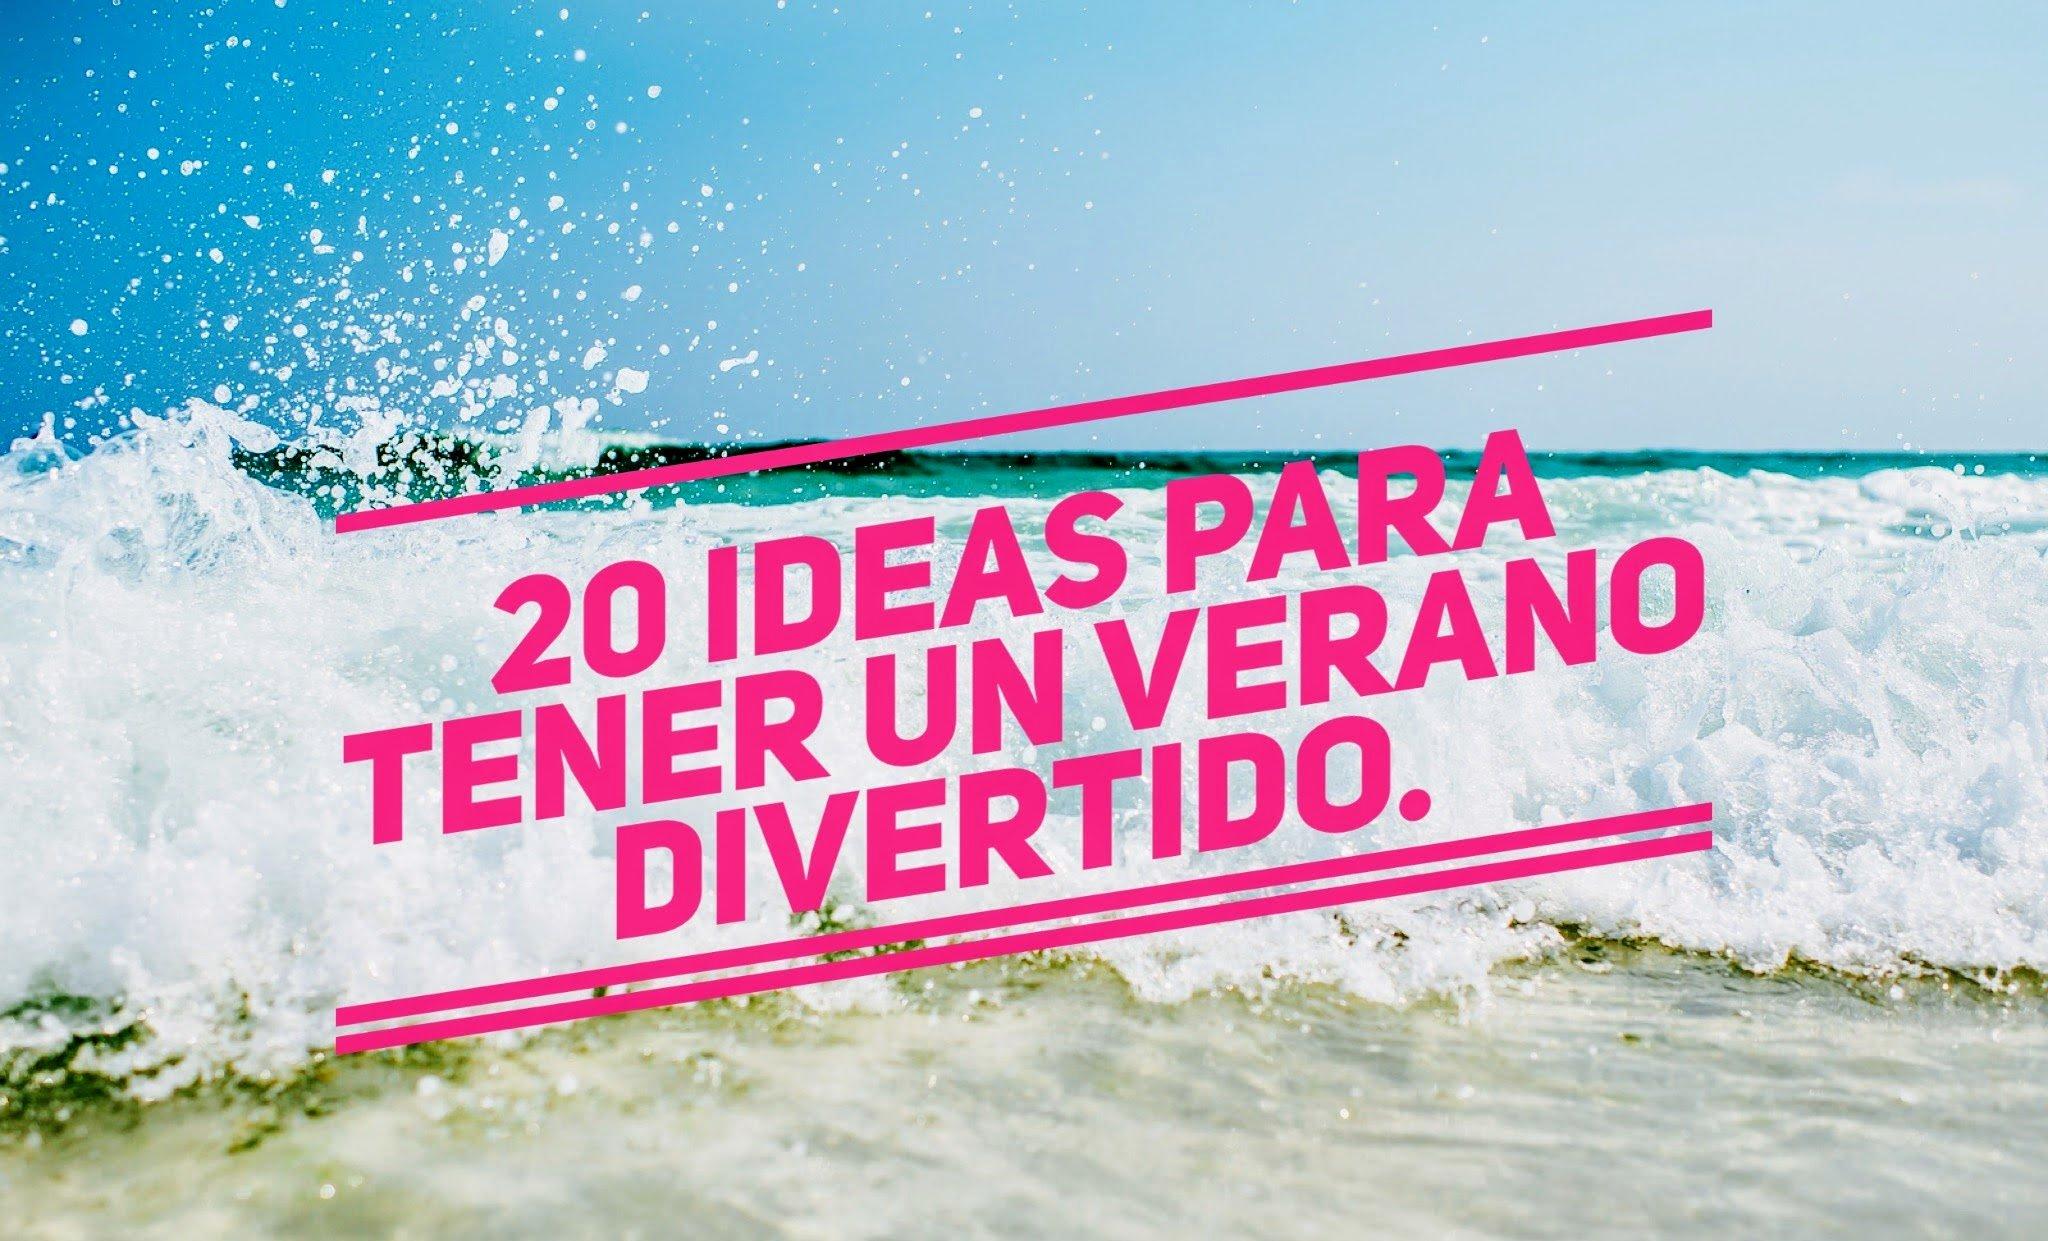 20 ideas para hacer en familia. ¿Te quedas sin ideas para hacer con los niños? 20 ideas para hacer en familia sin salir de casa.